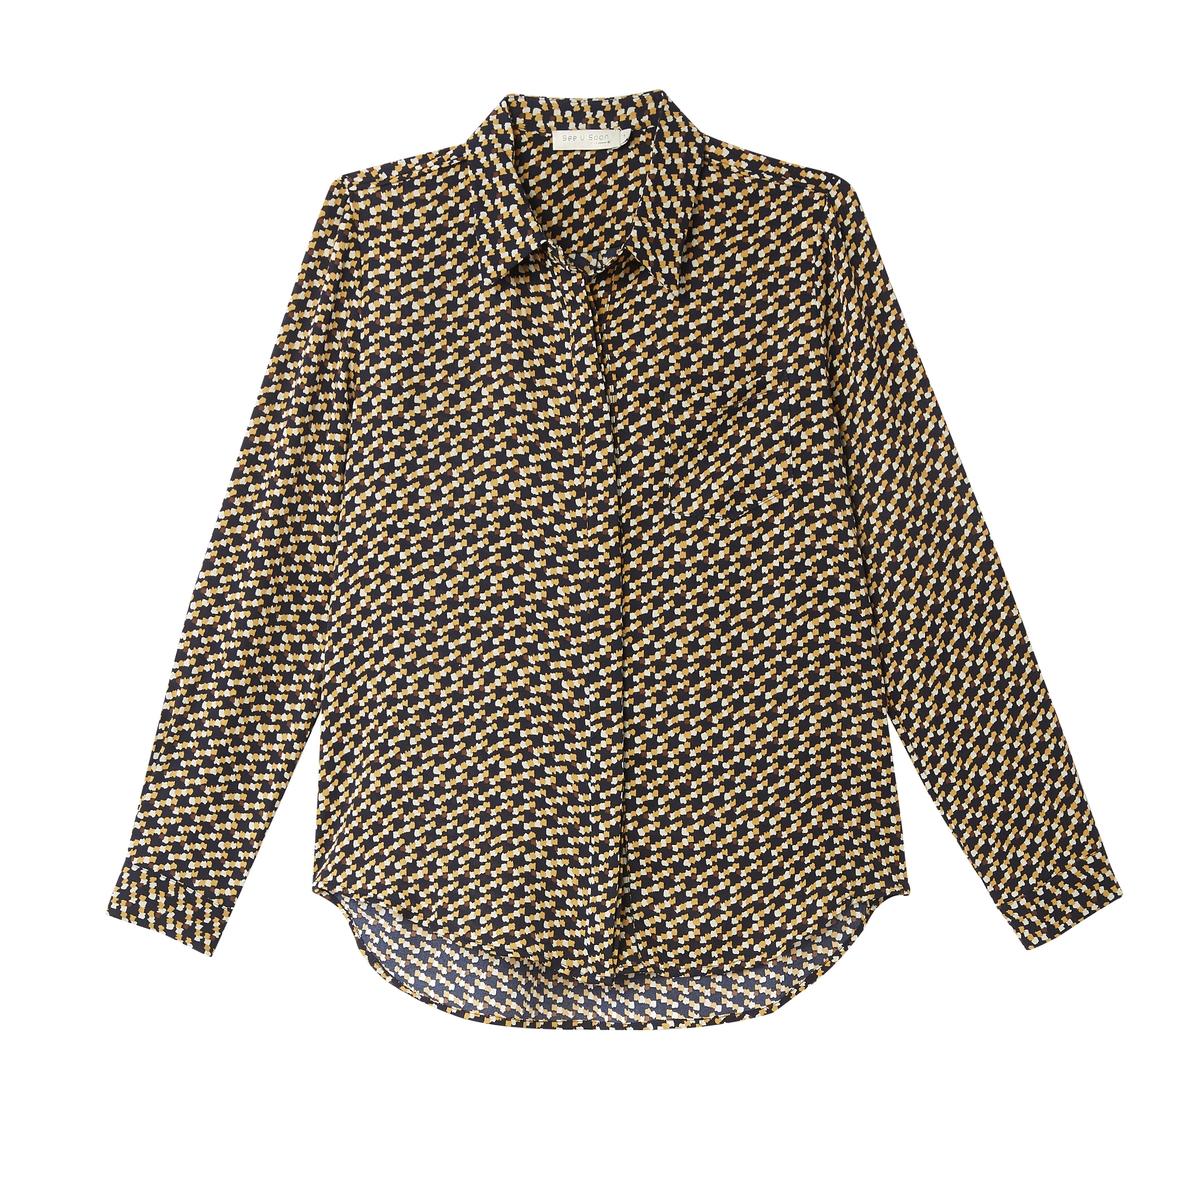 Рубашка с геометрическим принтом  длинными рукавами